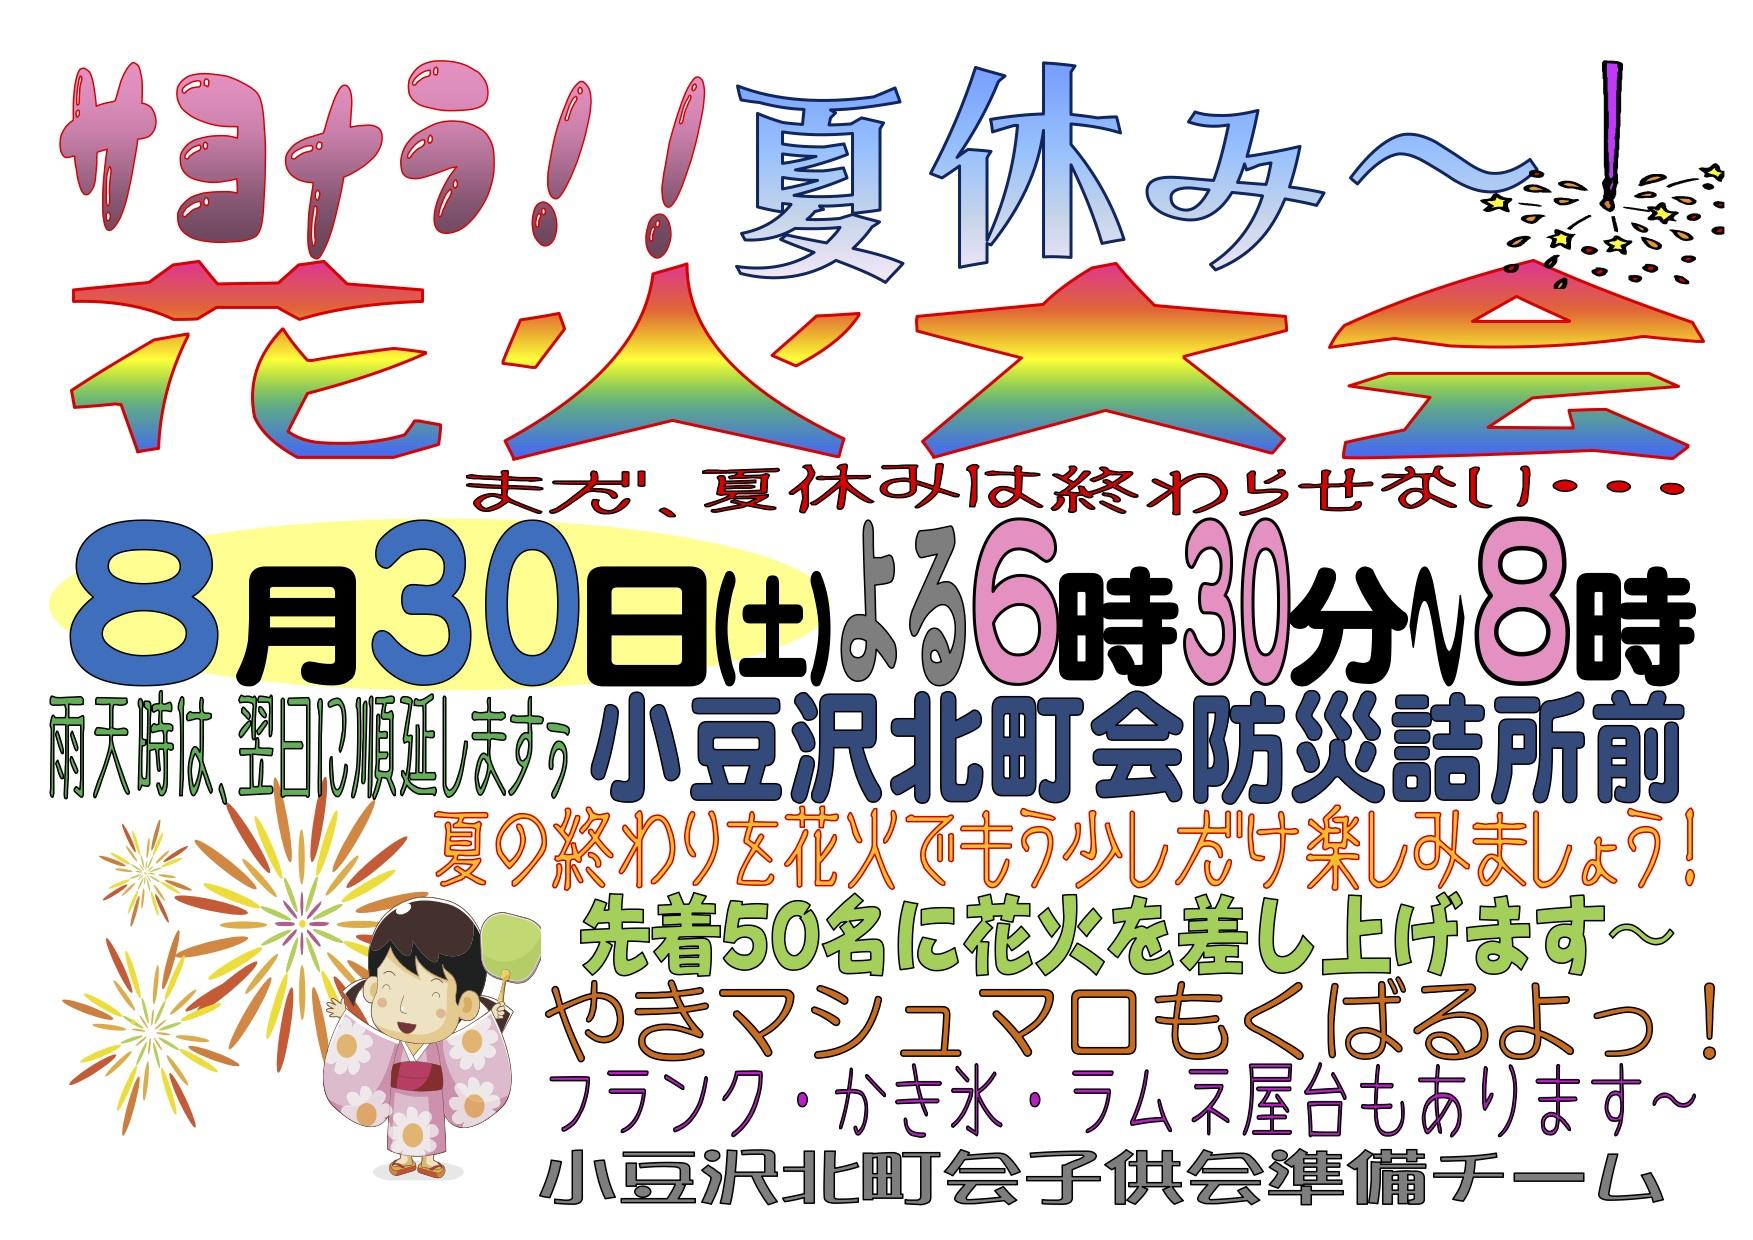 2014年8月30日花火大会